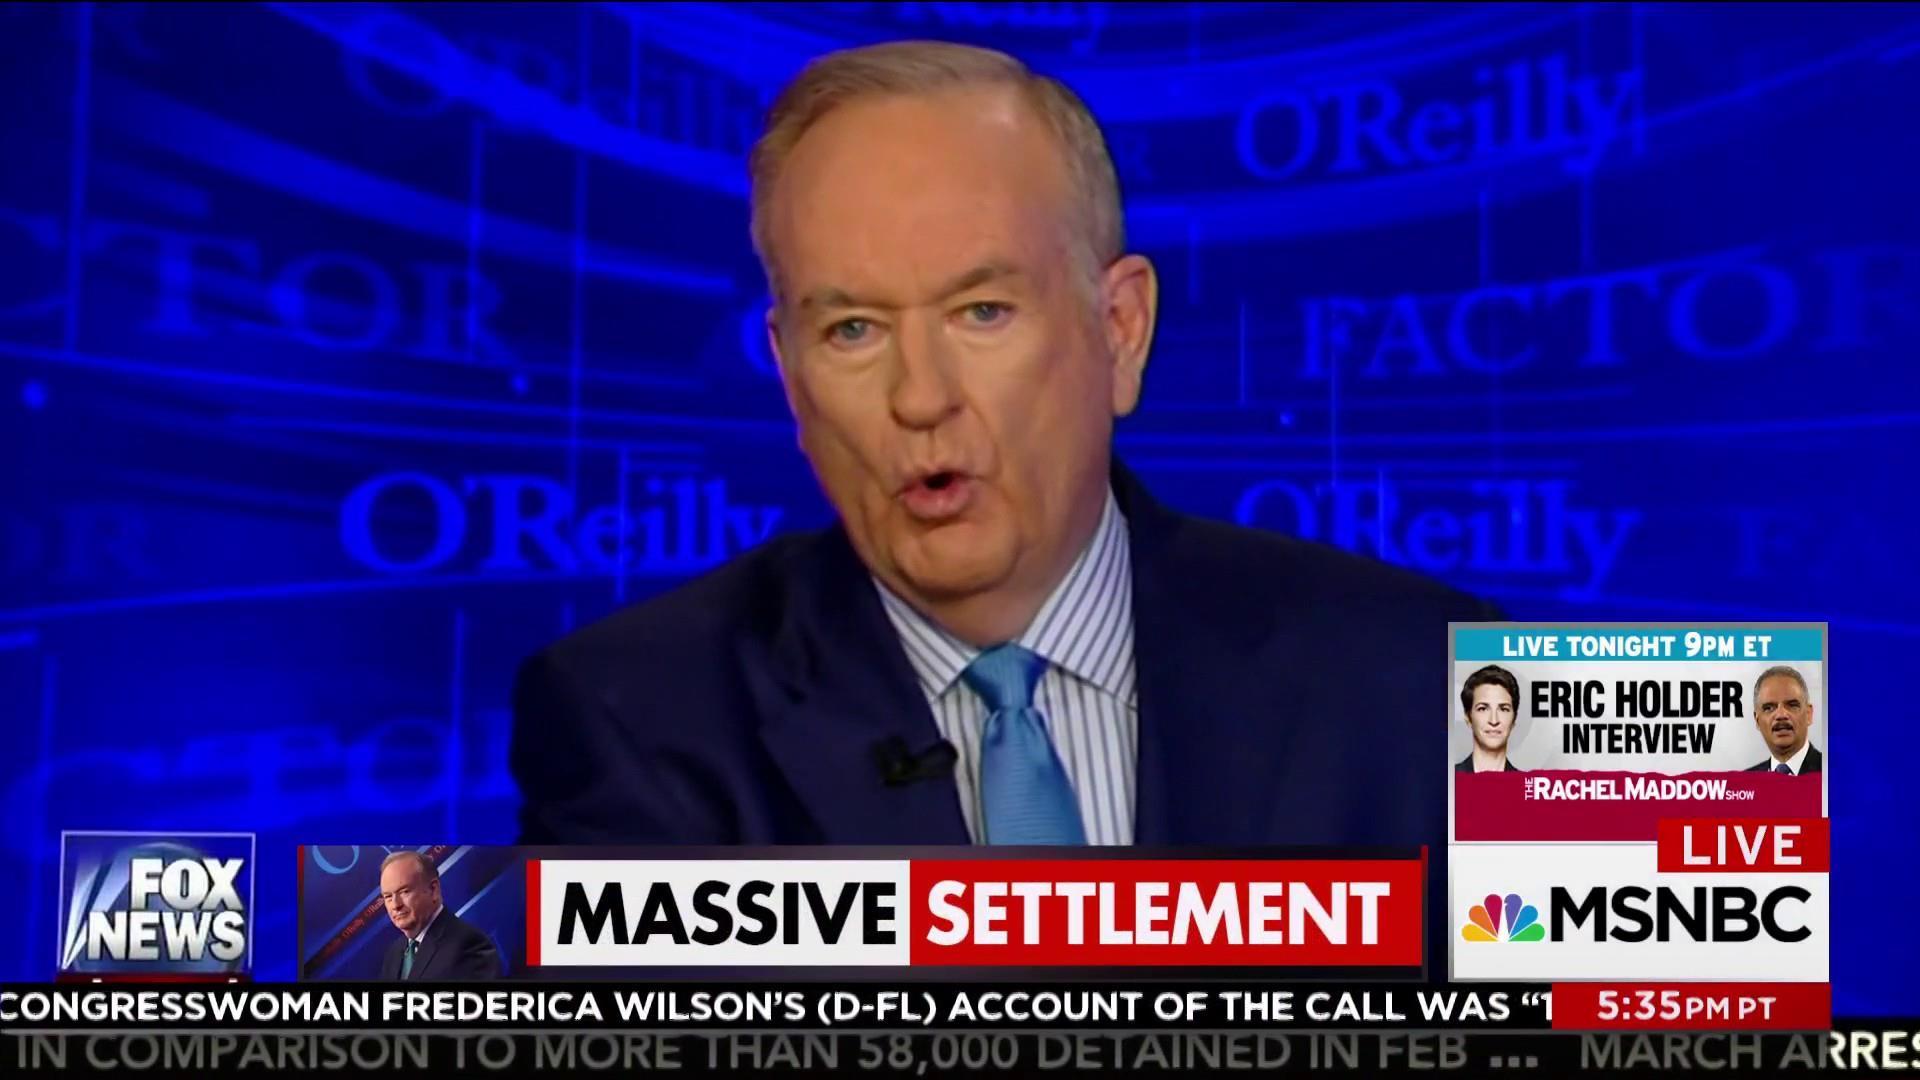 Bill O'Reilly settled harassment claim for...